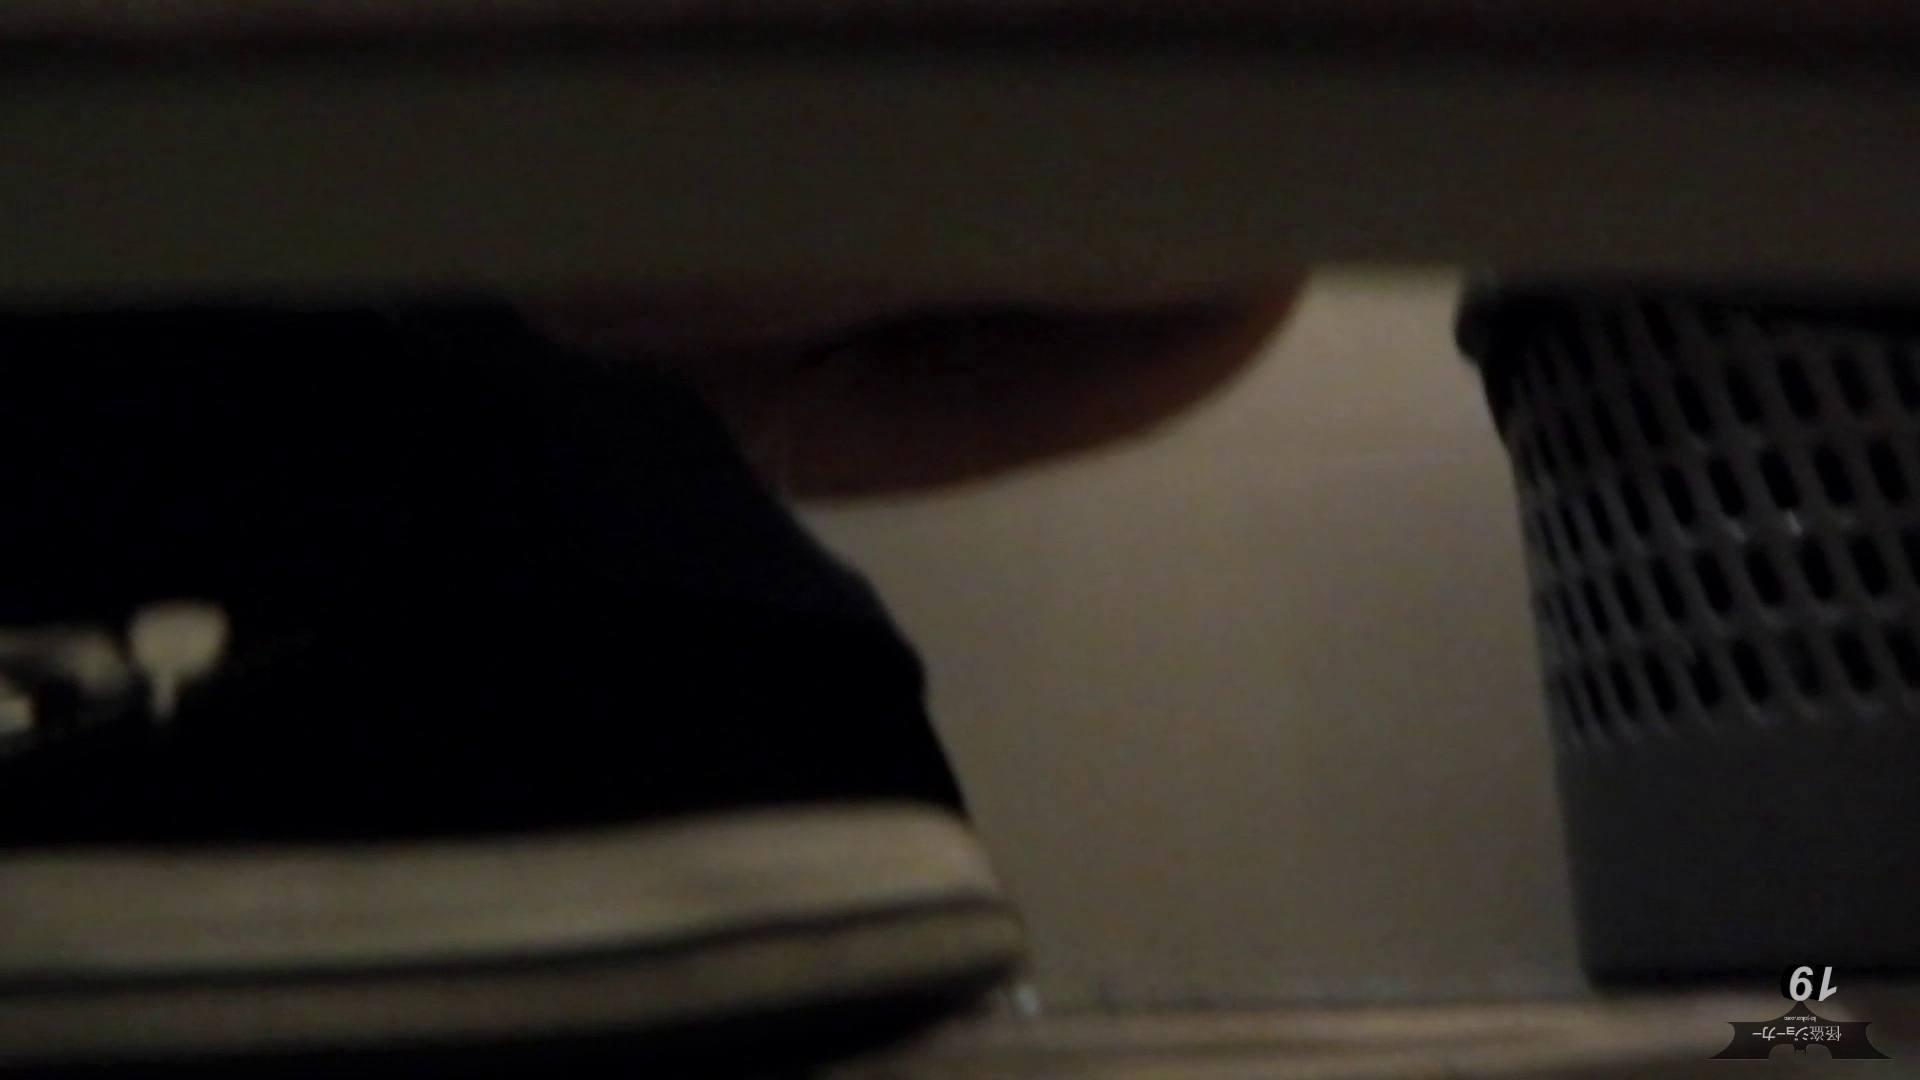 阿国ちゃんの「和式洋式七変化」 (NEW)19 「雫」はしっかりと切るんです! 丸見え おめこ無修正画像 86画像 62